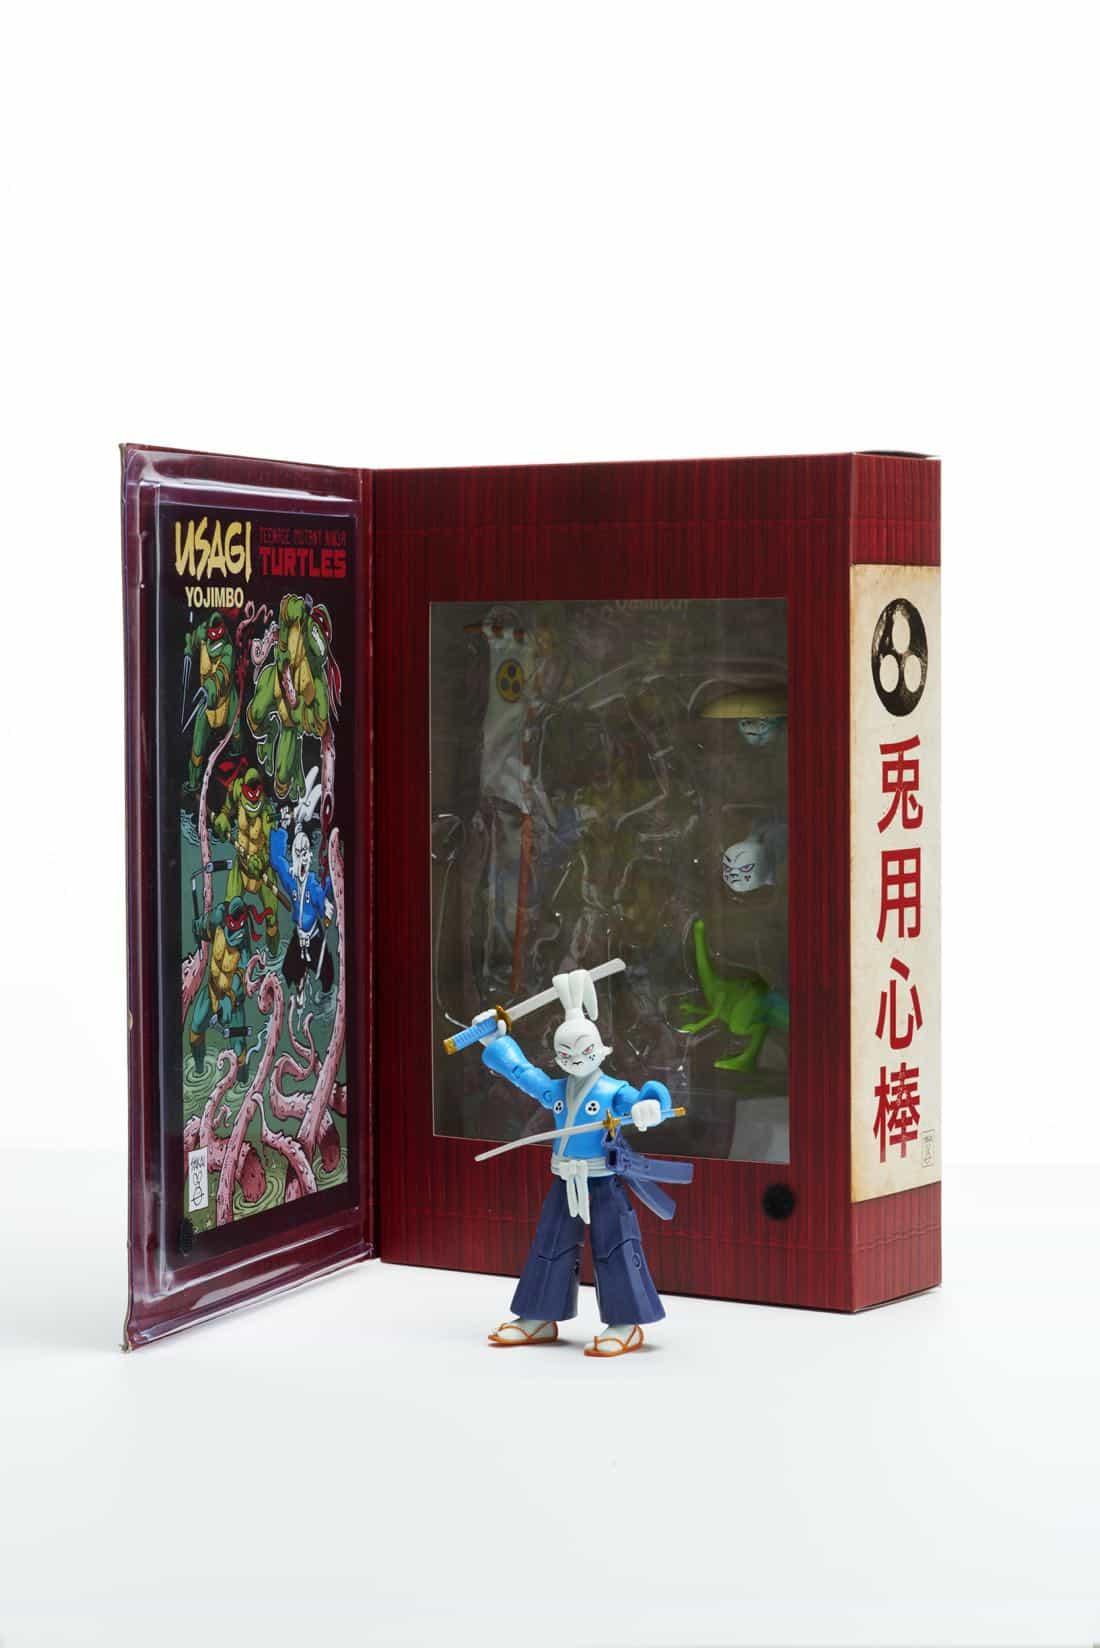 Playmates_Samurai_Rabbit_Usagi_Yojimbo